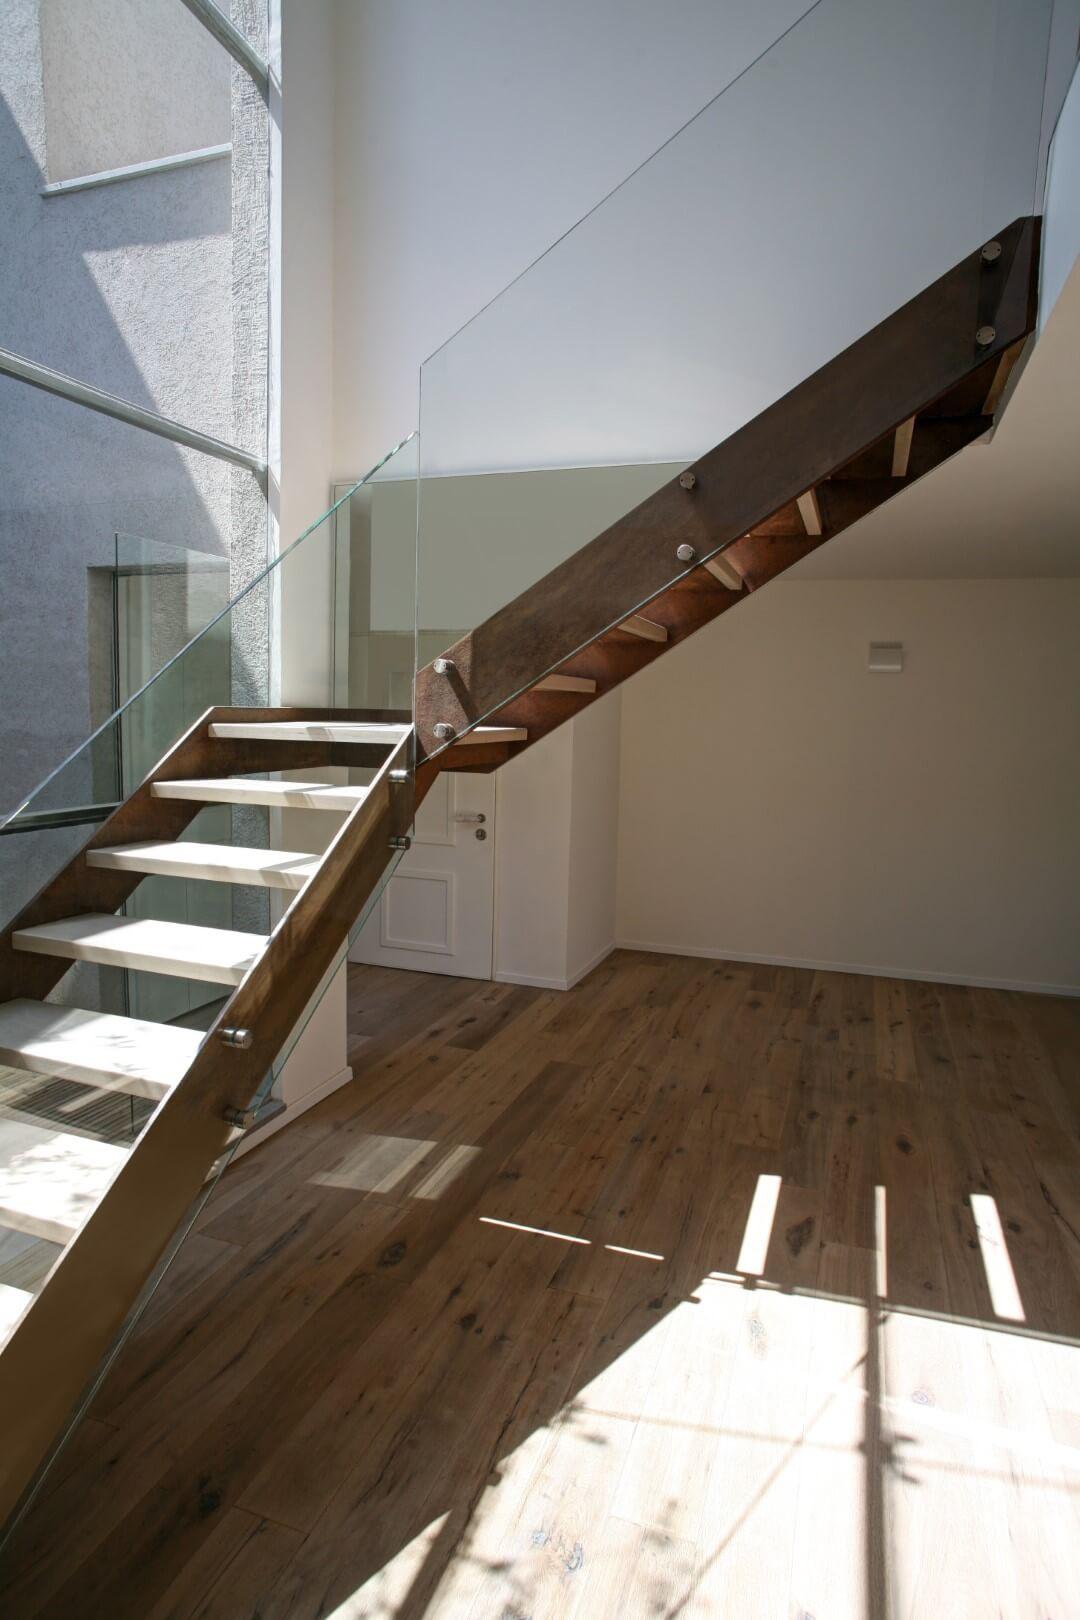 עם הפנים לגרם מדרגות צפות מברזל, קורטן ועץ עם מעקה זכוכית